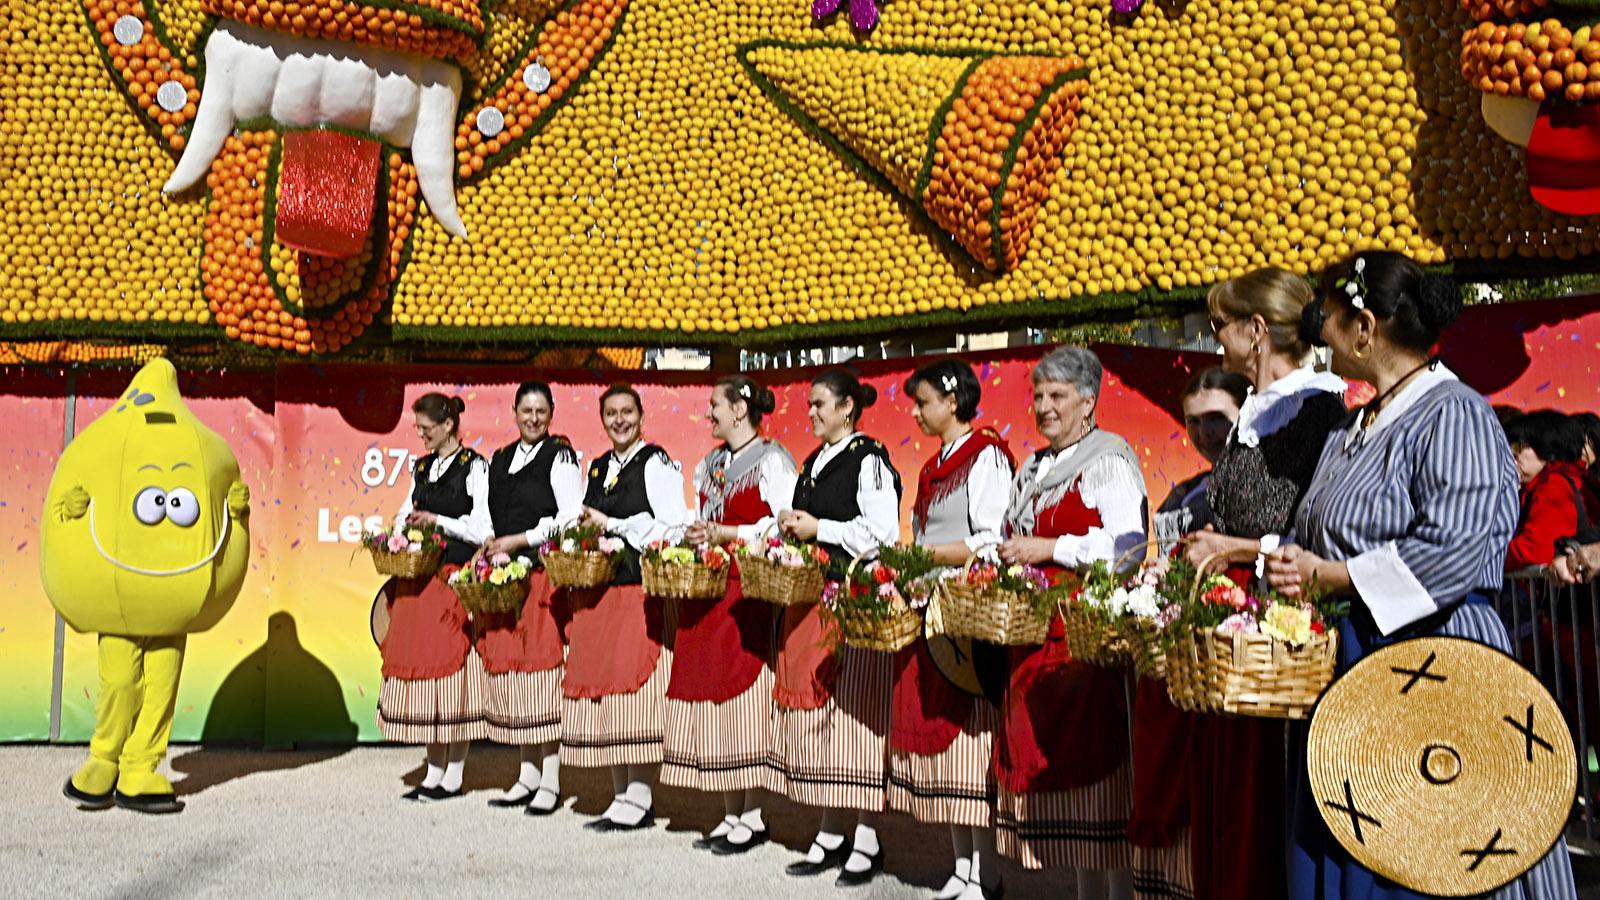 Fête du Citron: John Lemon ist das Maskottchen des Festes. Foto: Hilke Maunder